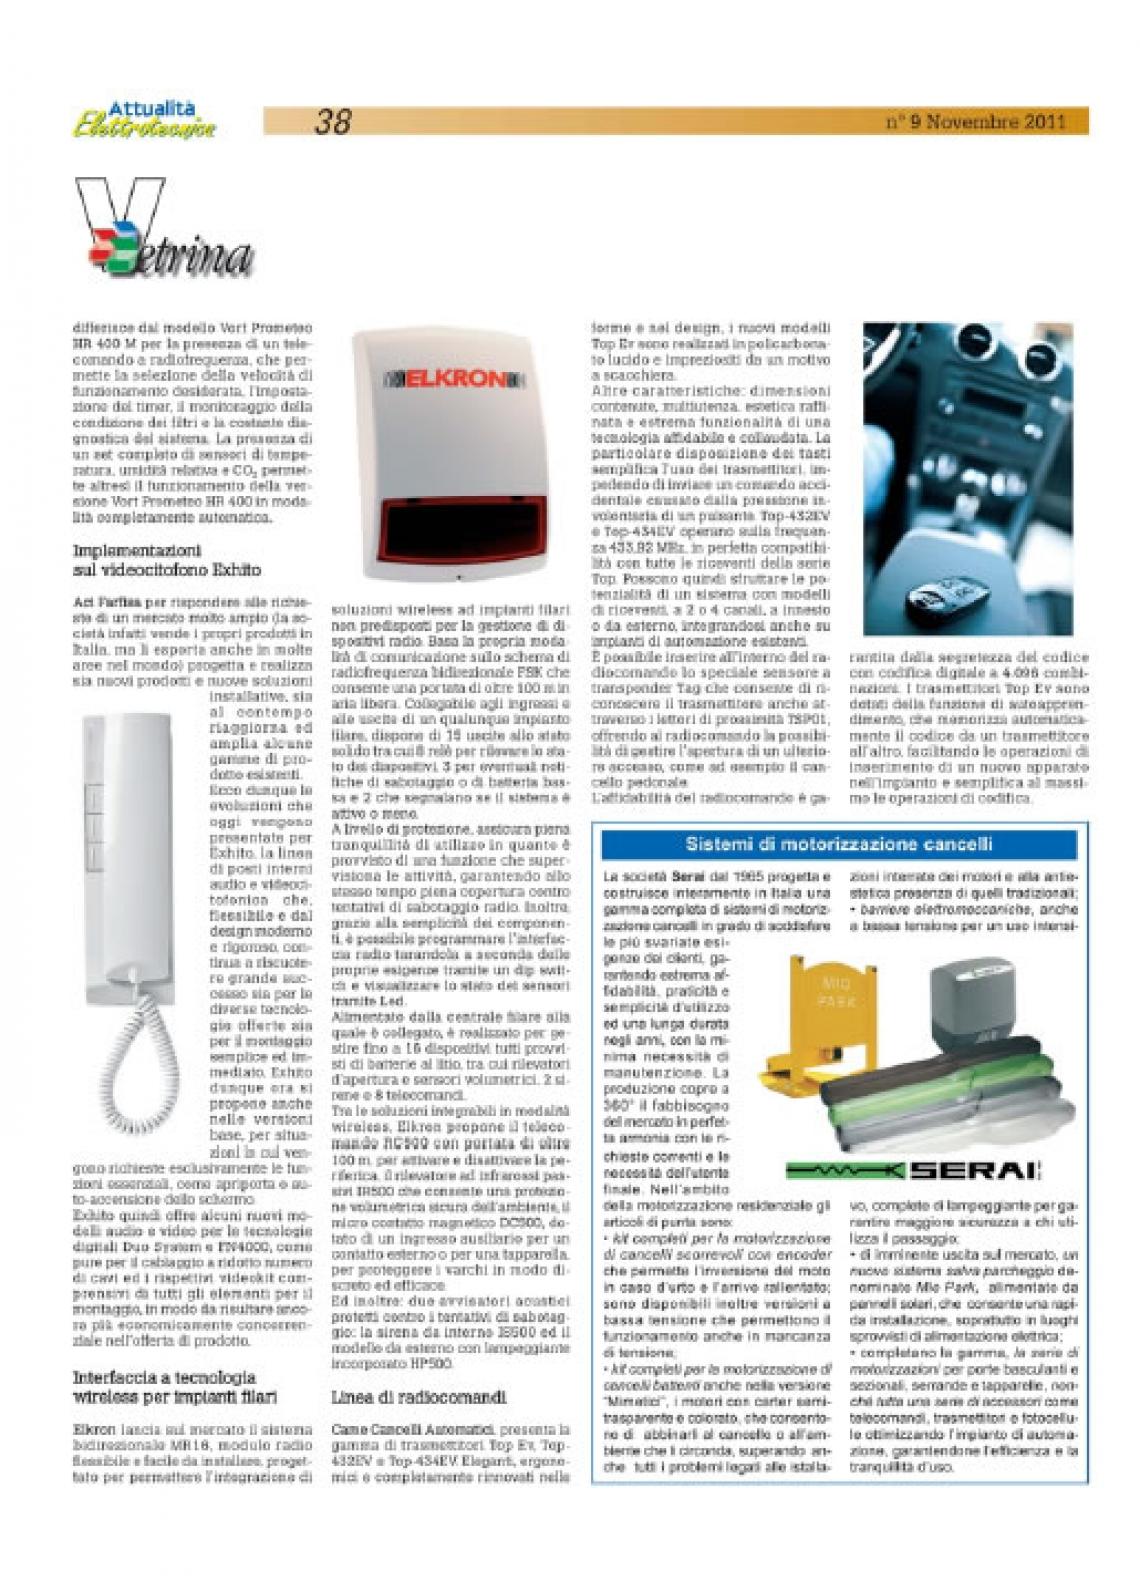 Implementazioni videocitofonia Exhito